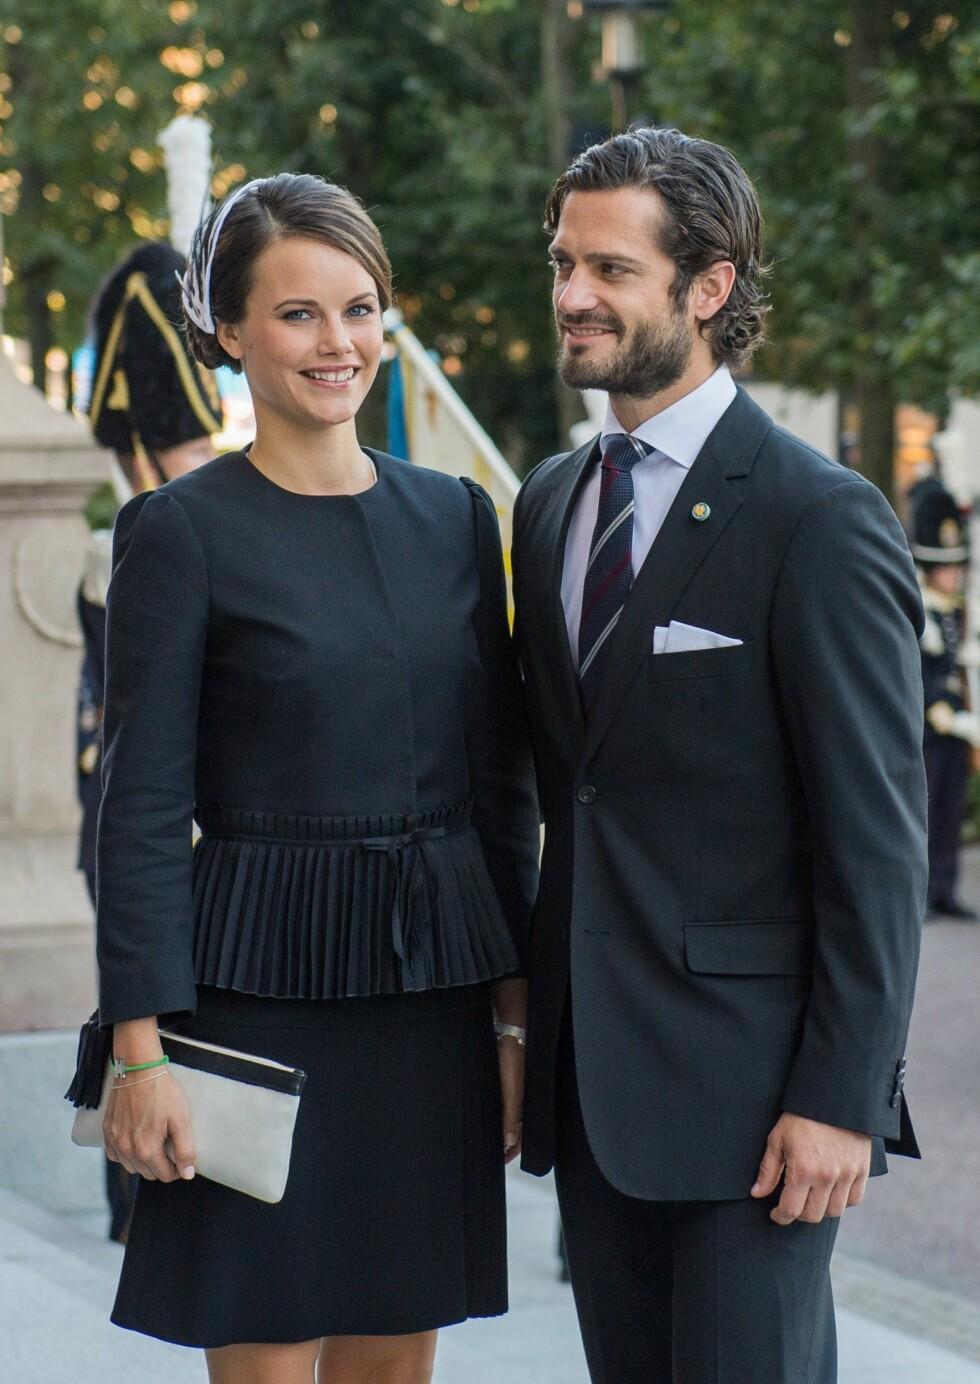 HØSTEN 2014: Prins Carl Philip og Sofia Hellqvist ankommer åpningen av det svenske parlamentet i Stockholm. Legg merke til den sorte og hvite fjærpynten og de sorte frynsense på vesken hennes - som matcher jakken.  Foto: Afp